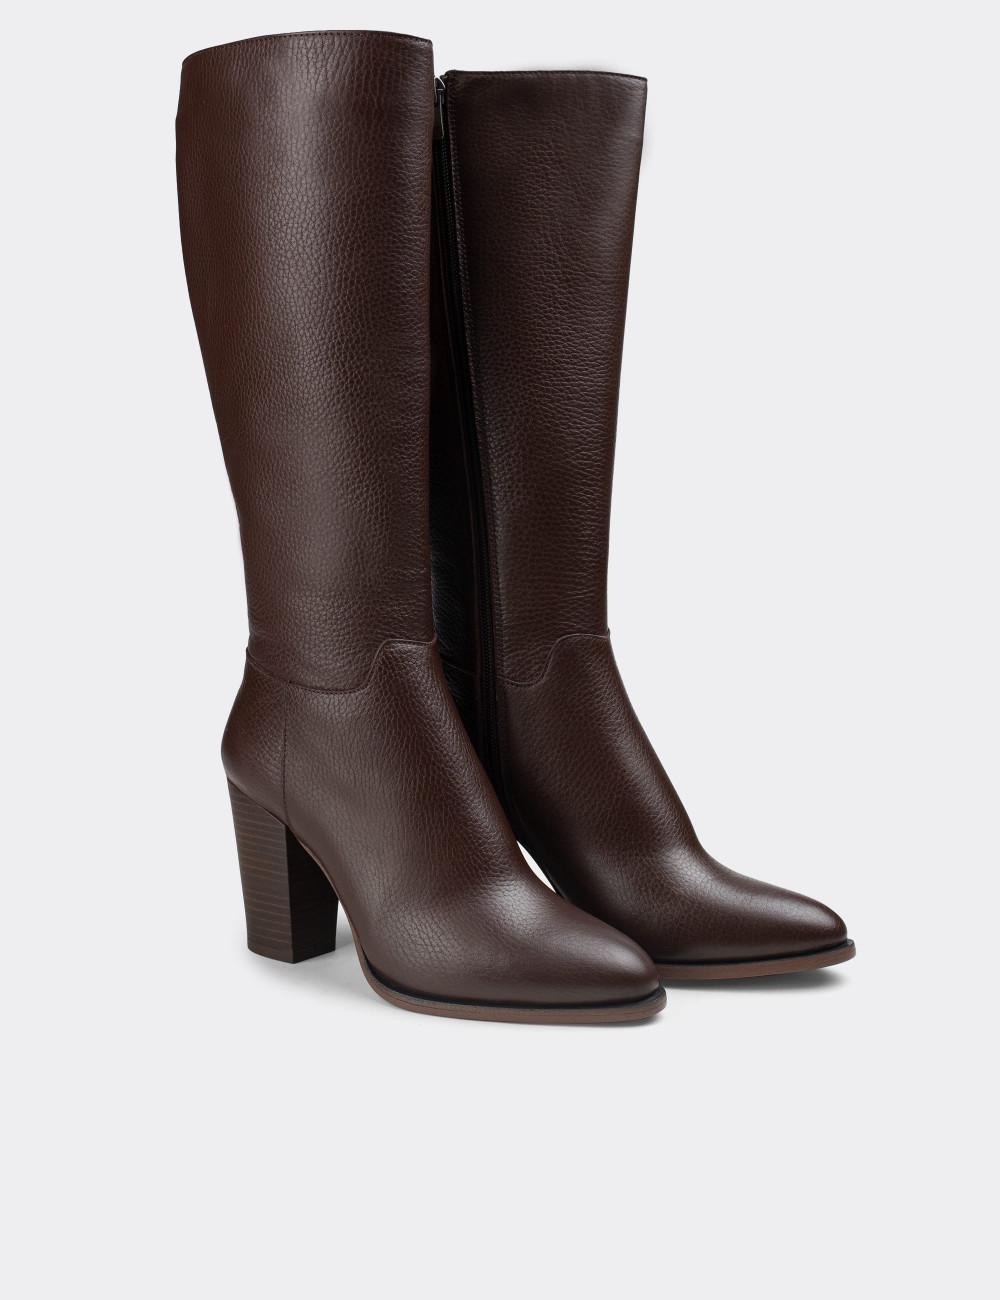 Hakiki Deri Kahverengi Kadın Çizme - E4411ZKHVC02